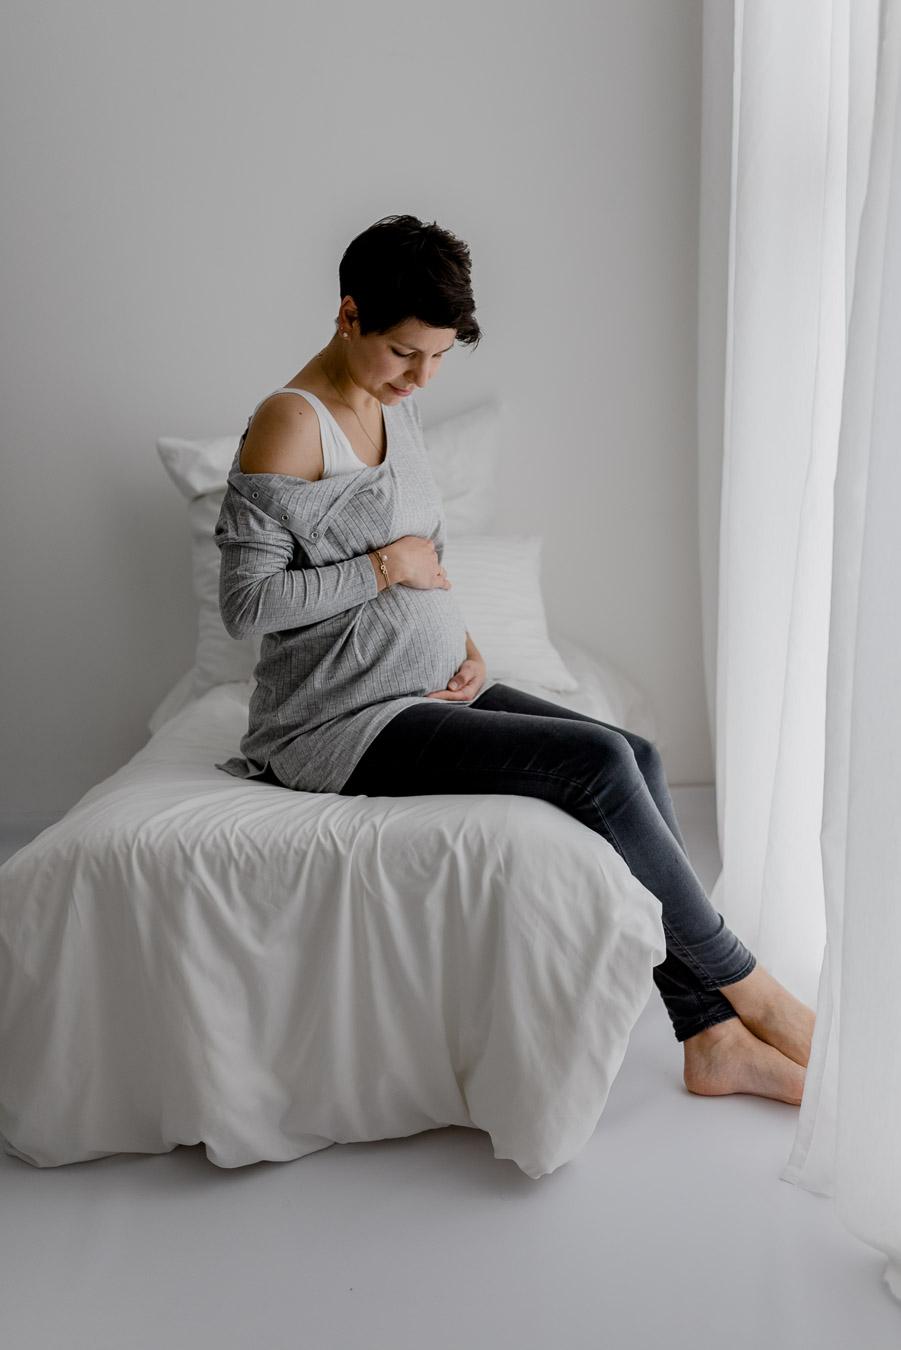 Babybauch Babybauchshooting Studio erwartungsvoll Baby Schwangerschaft